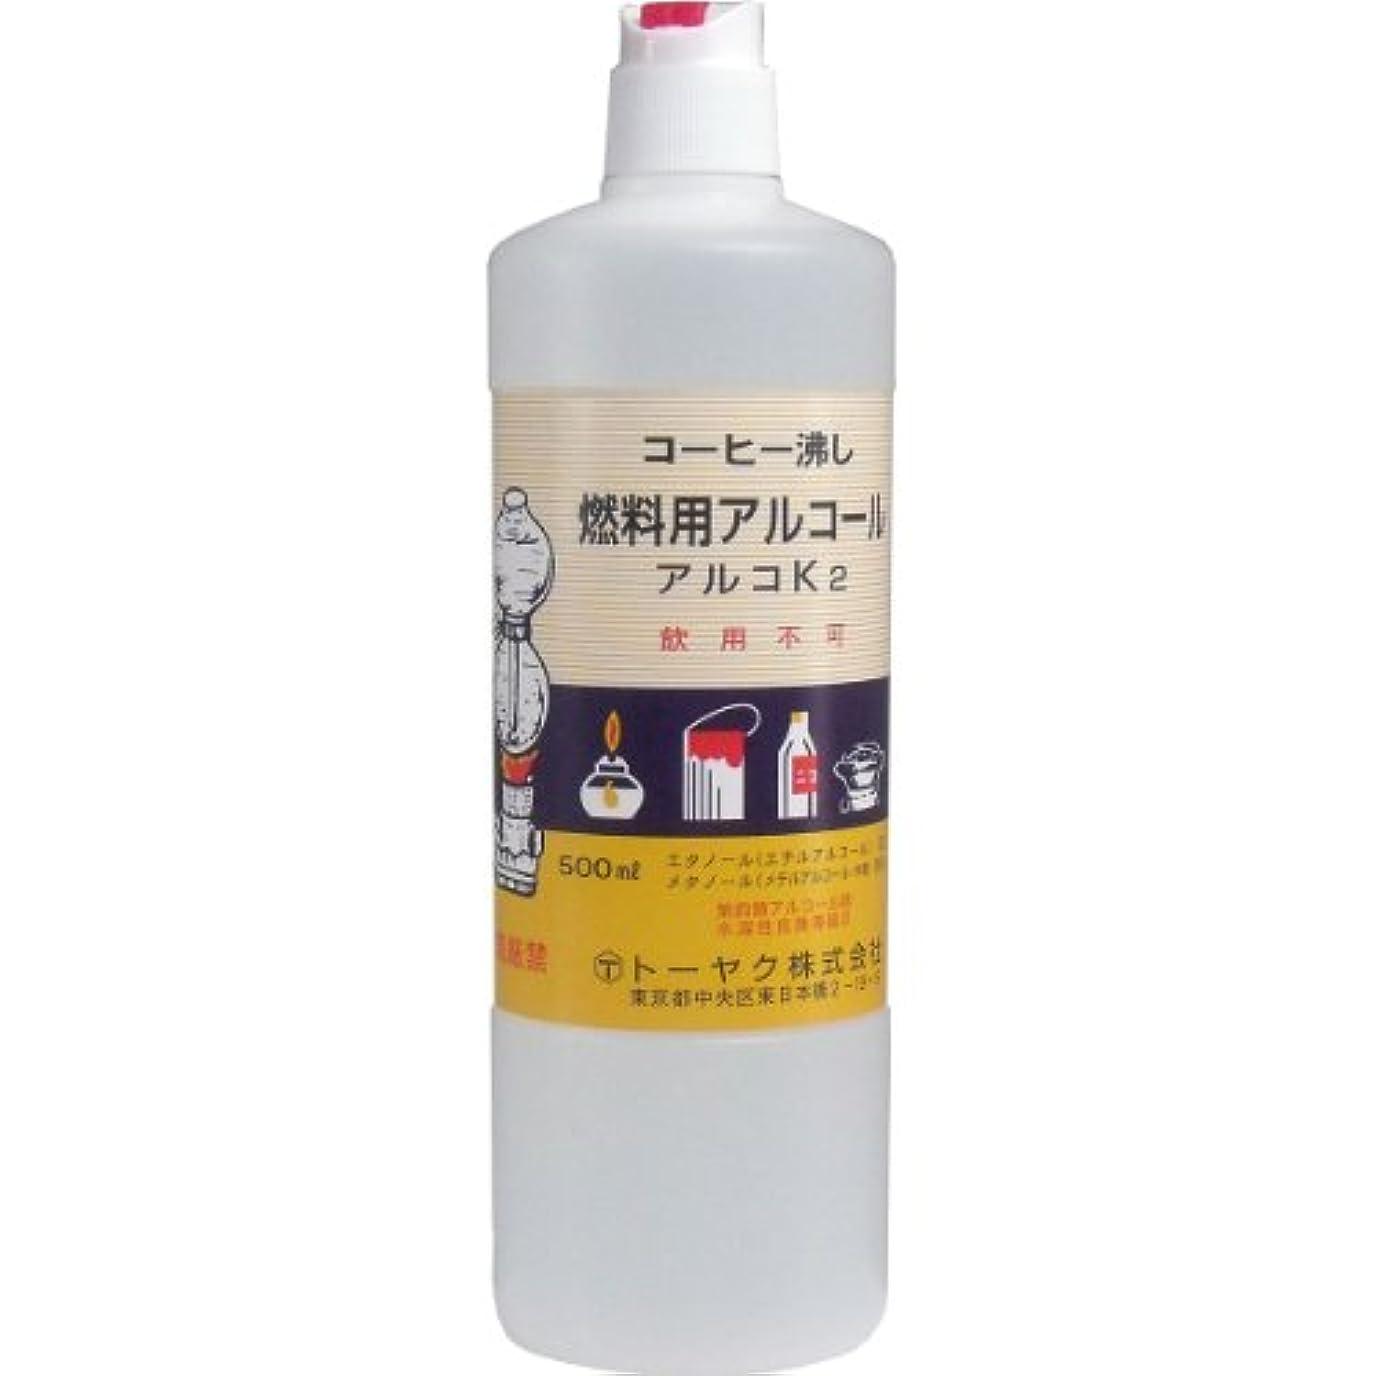 動脈疾患守銭奴燃料用アルコール アルコK2 ×3個セット